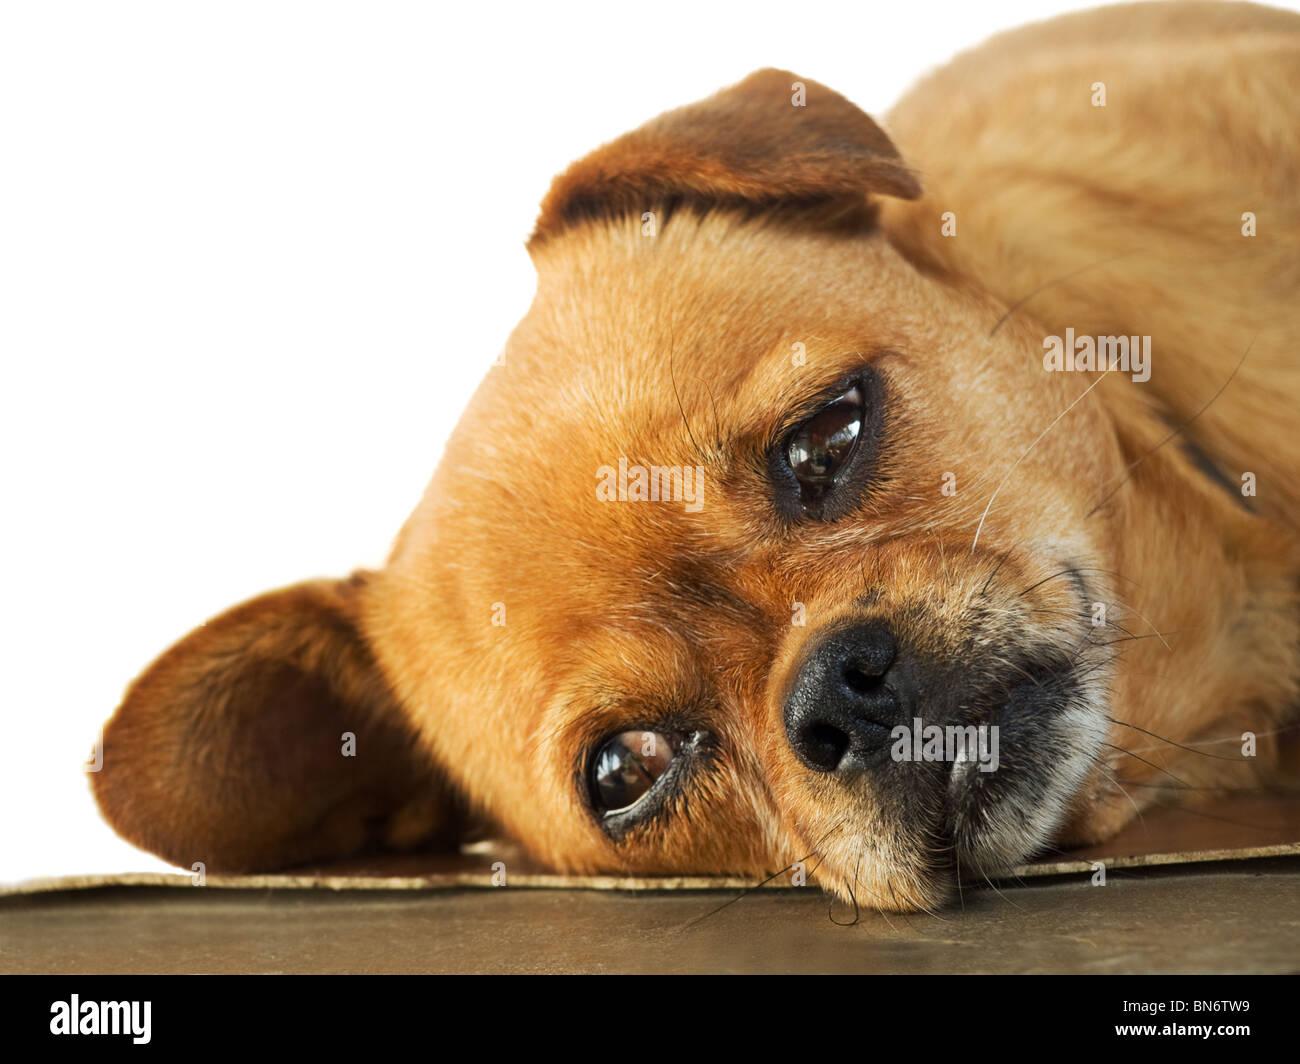 Sleepy Doggy is lying on the floor, - Stock Image